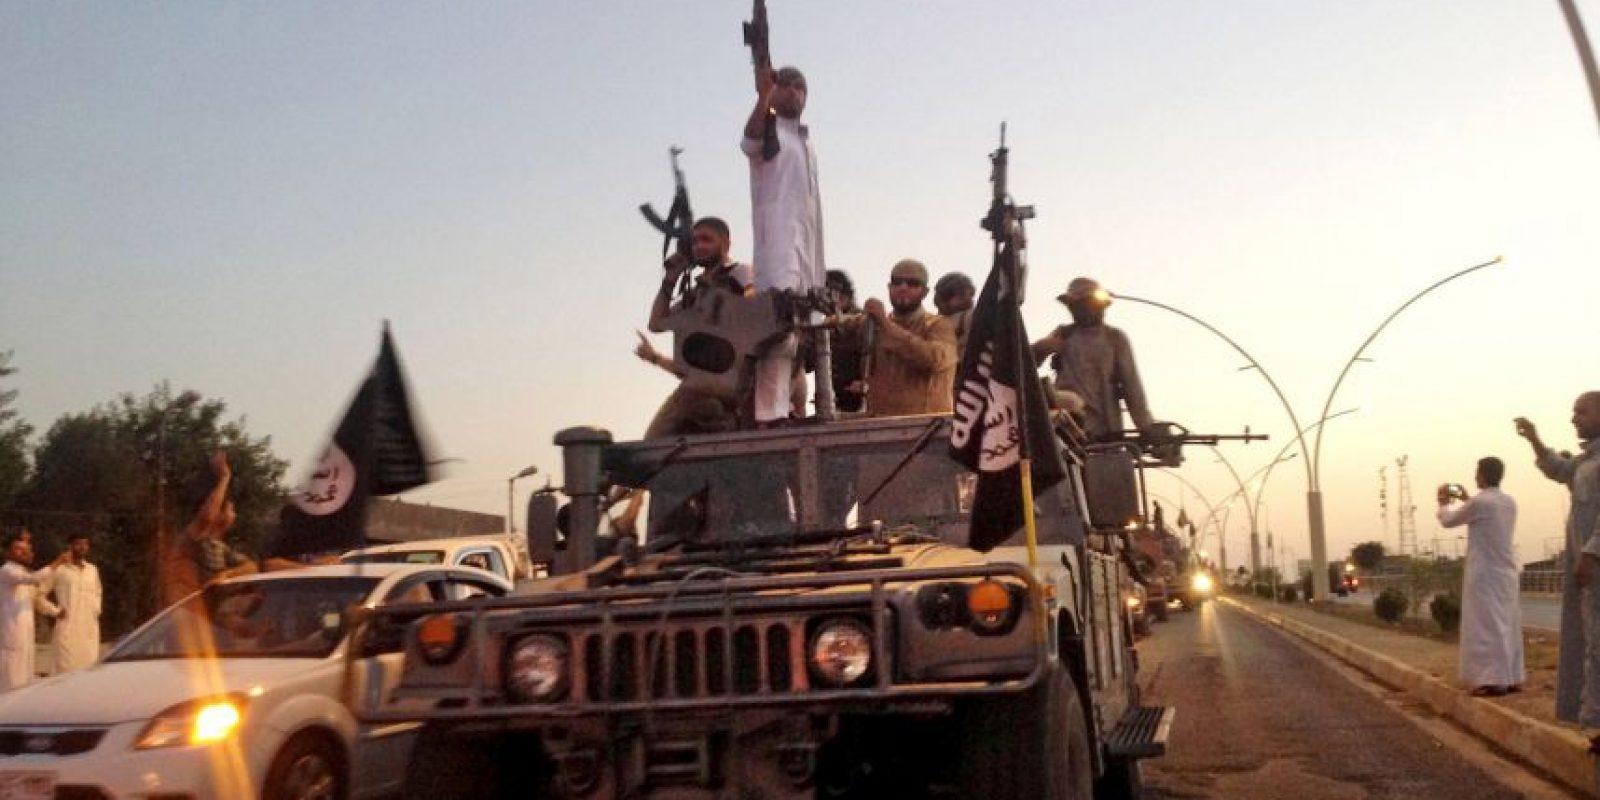 15. Se estima que el grupo terrorista recauda 730 millones de dólares al año, reseñó Bloomberg. Foto:AP